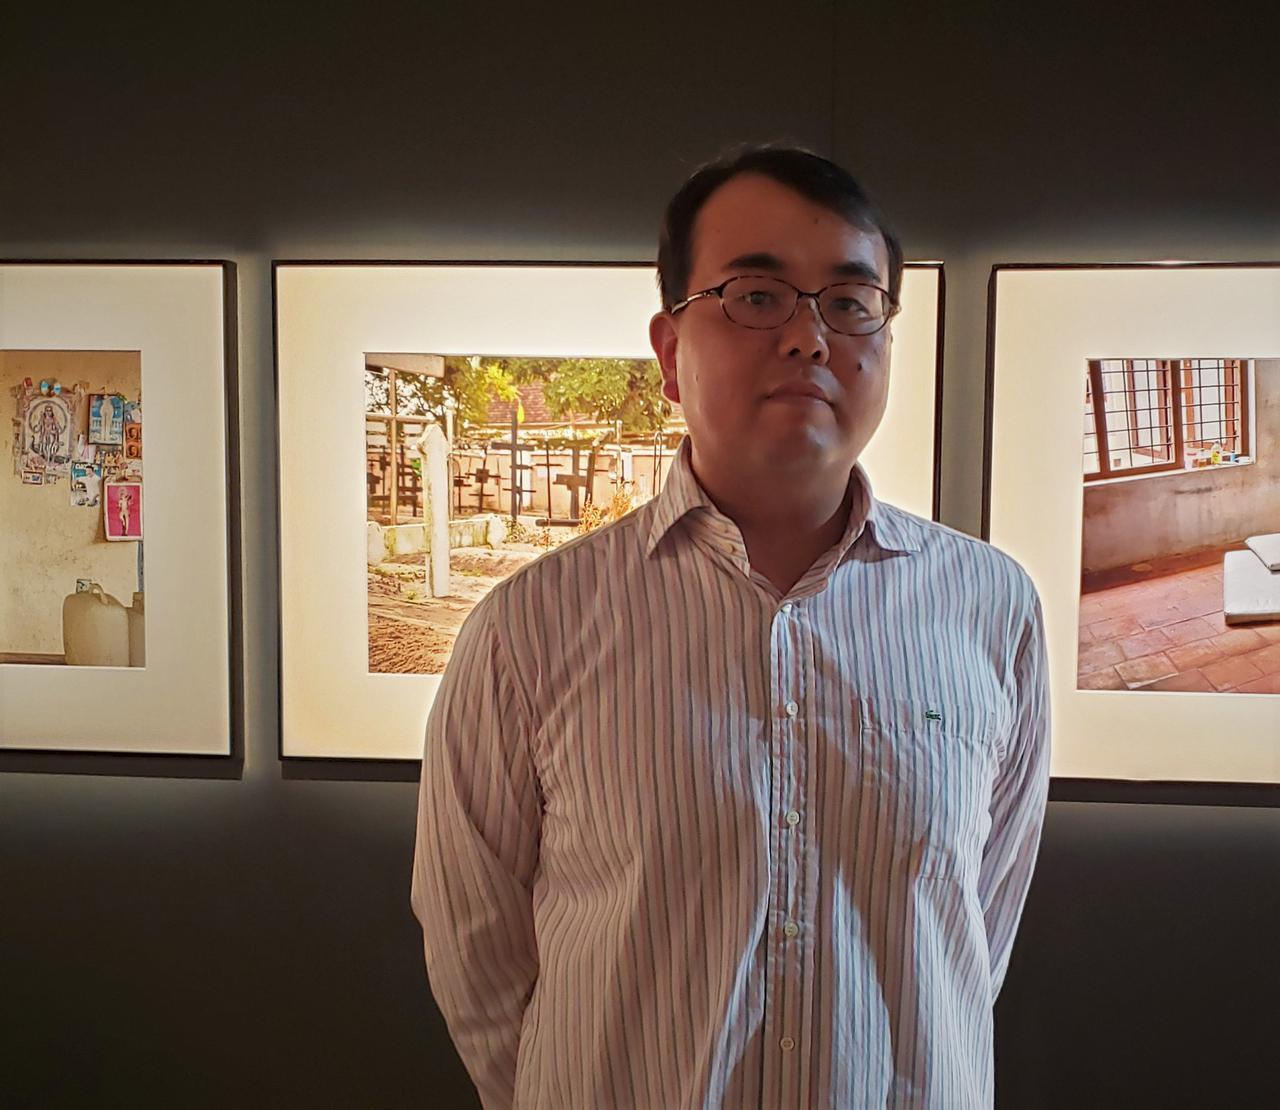 画像: 写真家の齊藤小弥太さん。「カメラを持っていても持たなくても、写真を撮っても撮らなくても、またこの場所を訪れたい」と、おっしゃる姿が印象的でした。